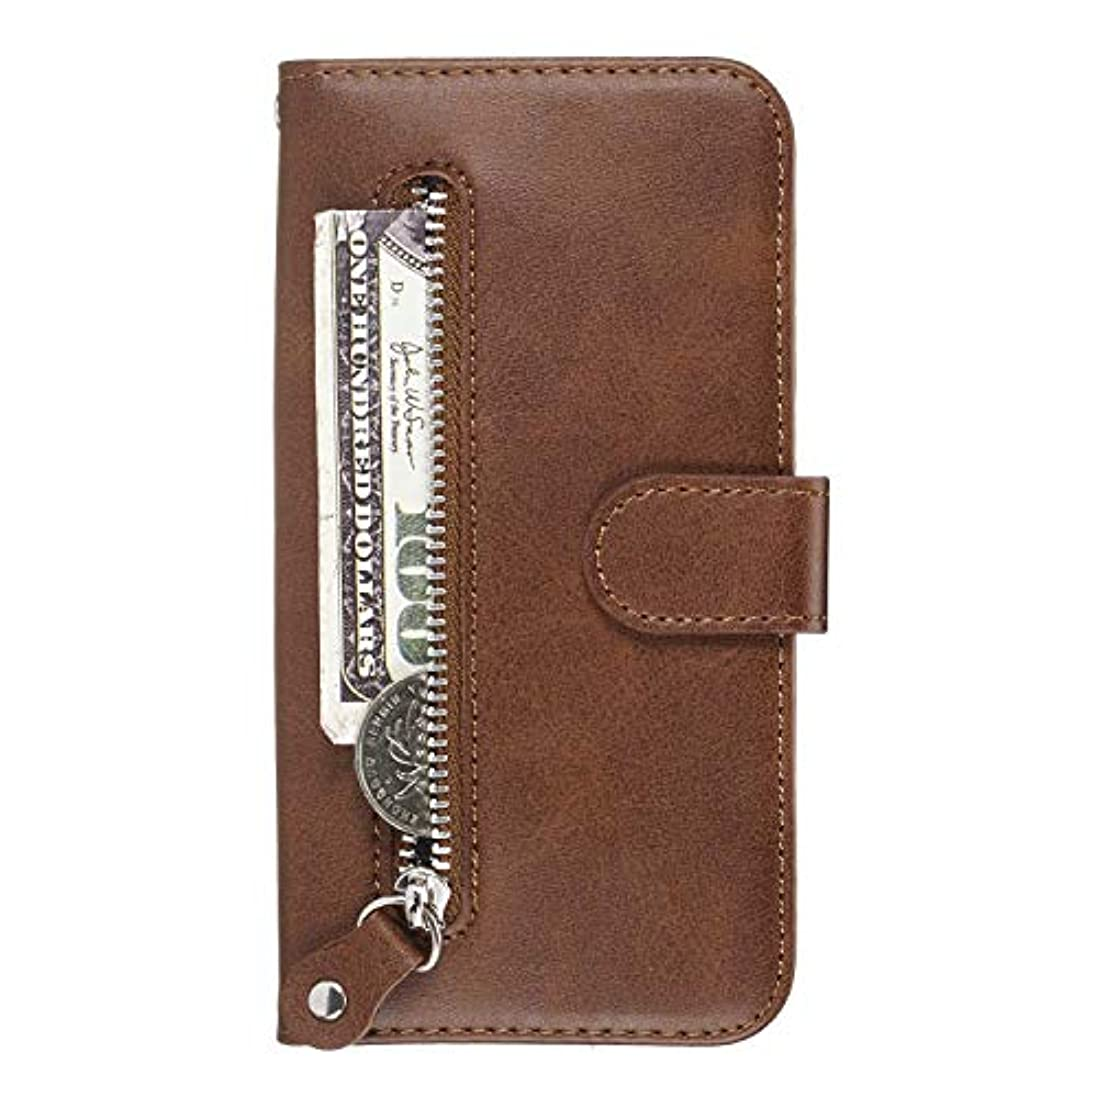 洞察力のある農業の清めるOMATENTI Google Pixel 3A ケース, 軽量 PUレザー 薄型 簡約風 人気カバー バックケース Google Pixel 3A 用 Case Cover, 液晶保護 カード収納, 財布とコインポケット付き, 褐色